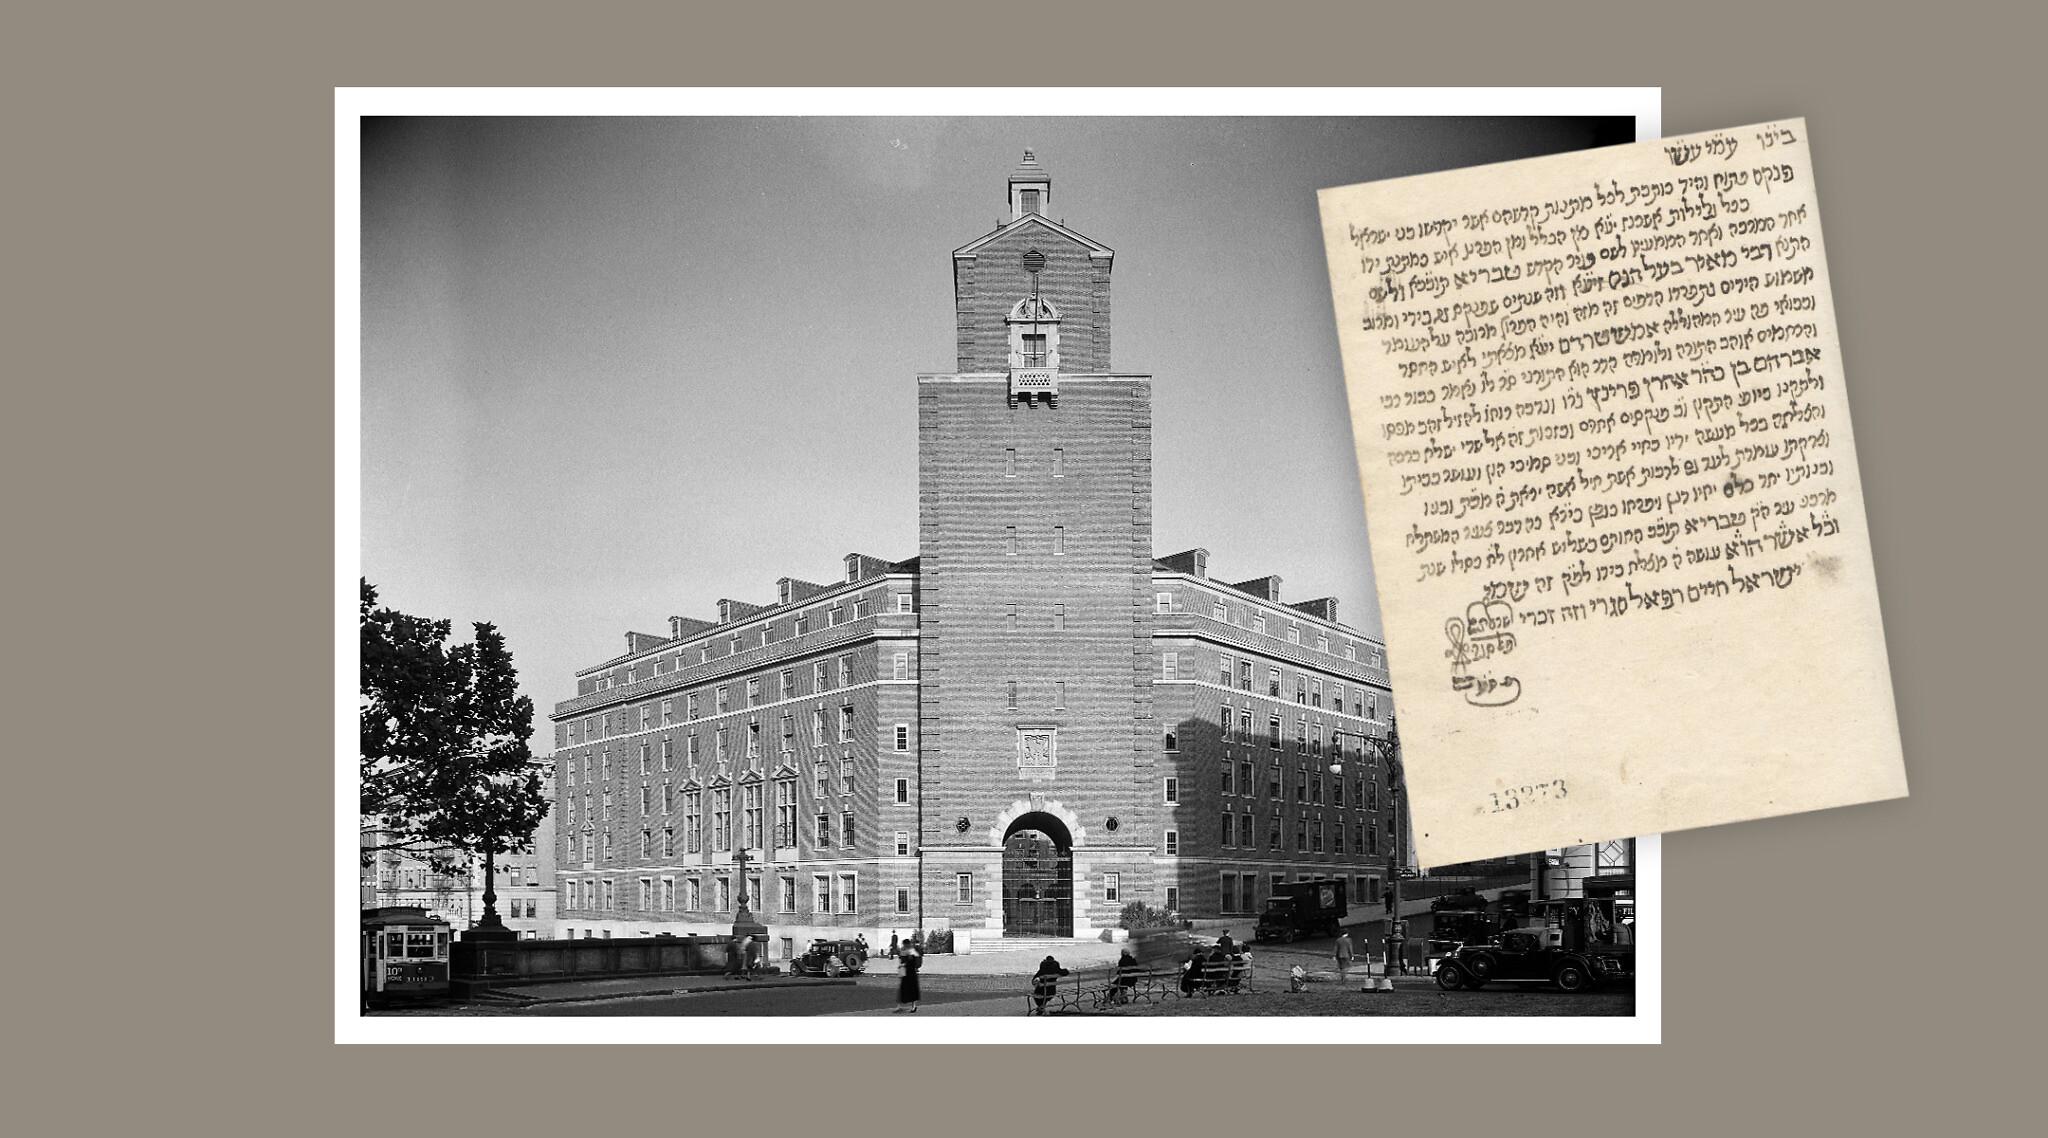 Le Séminaire théologique juif de New York, photographié le 17 octobre 1934, est superposé à l'image d'une page d'un manuscrit d'un rabbin de Tibériade qui s'est rendu en Europe pour une mission de collecte de fonds en 1807. (Crédits : MCNY/Gottscho-Schleisner/Getty Images/ via JTA)